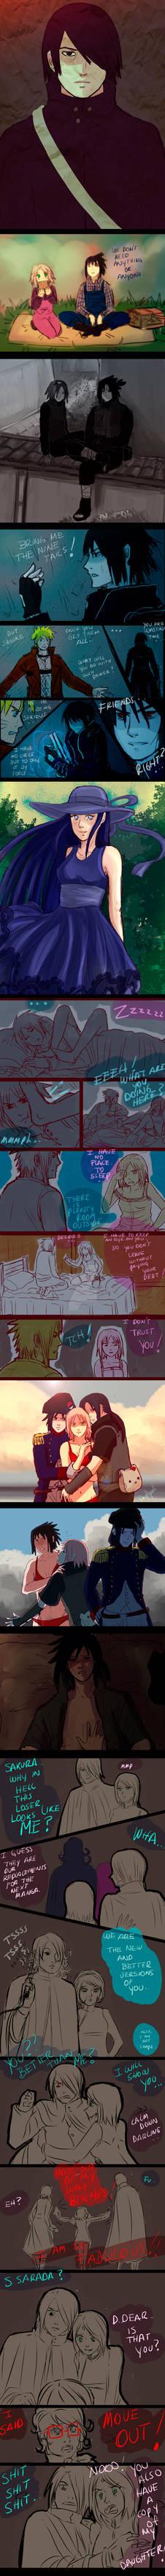 ++++ Naruto doodles (7) ++++